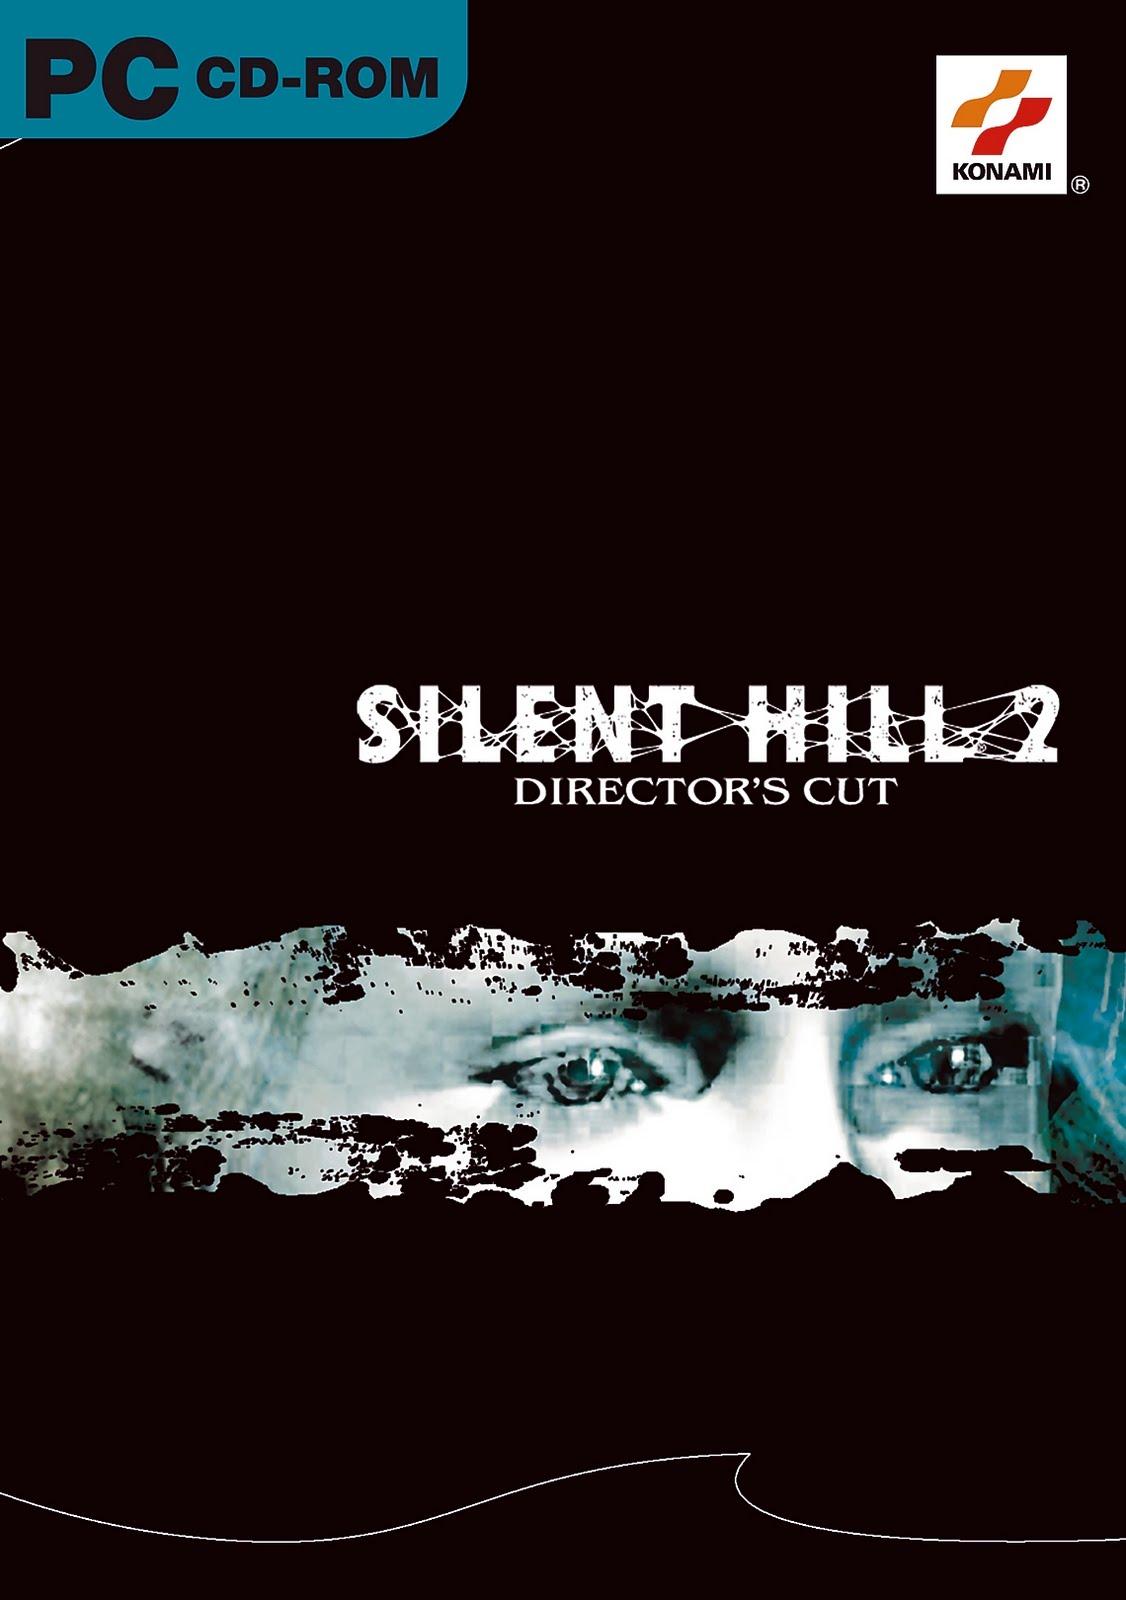 6cde8c 4774ab29180f46f4b75d5df2fa7d877d - Silent Hill 2 Directors Cut PC